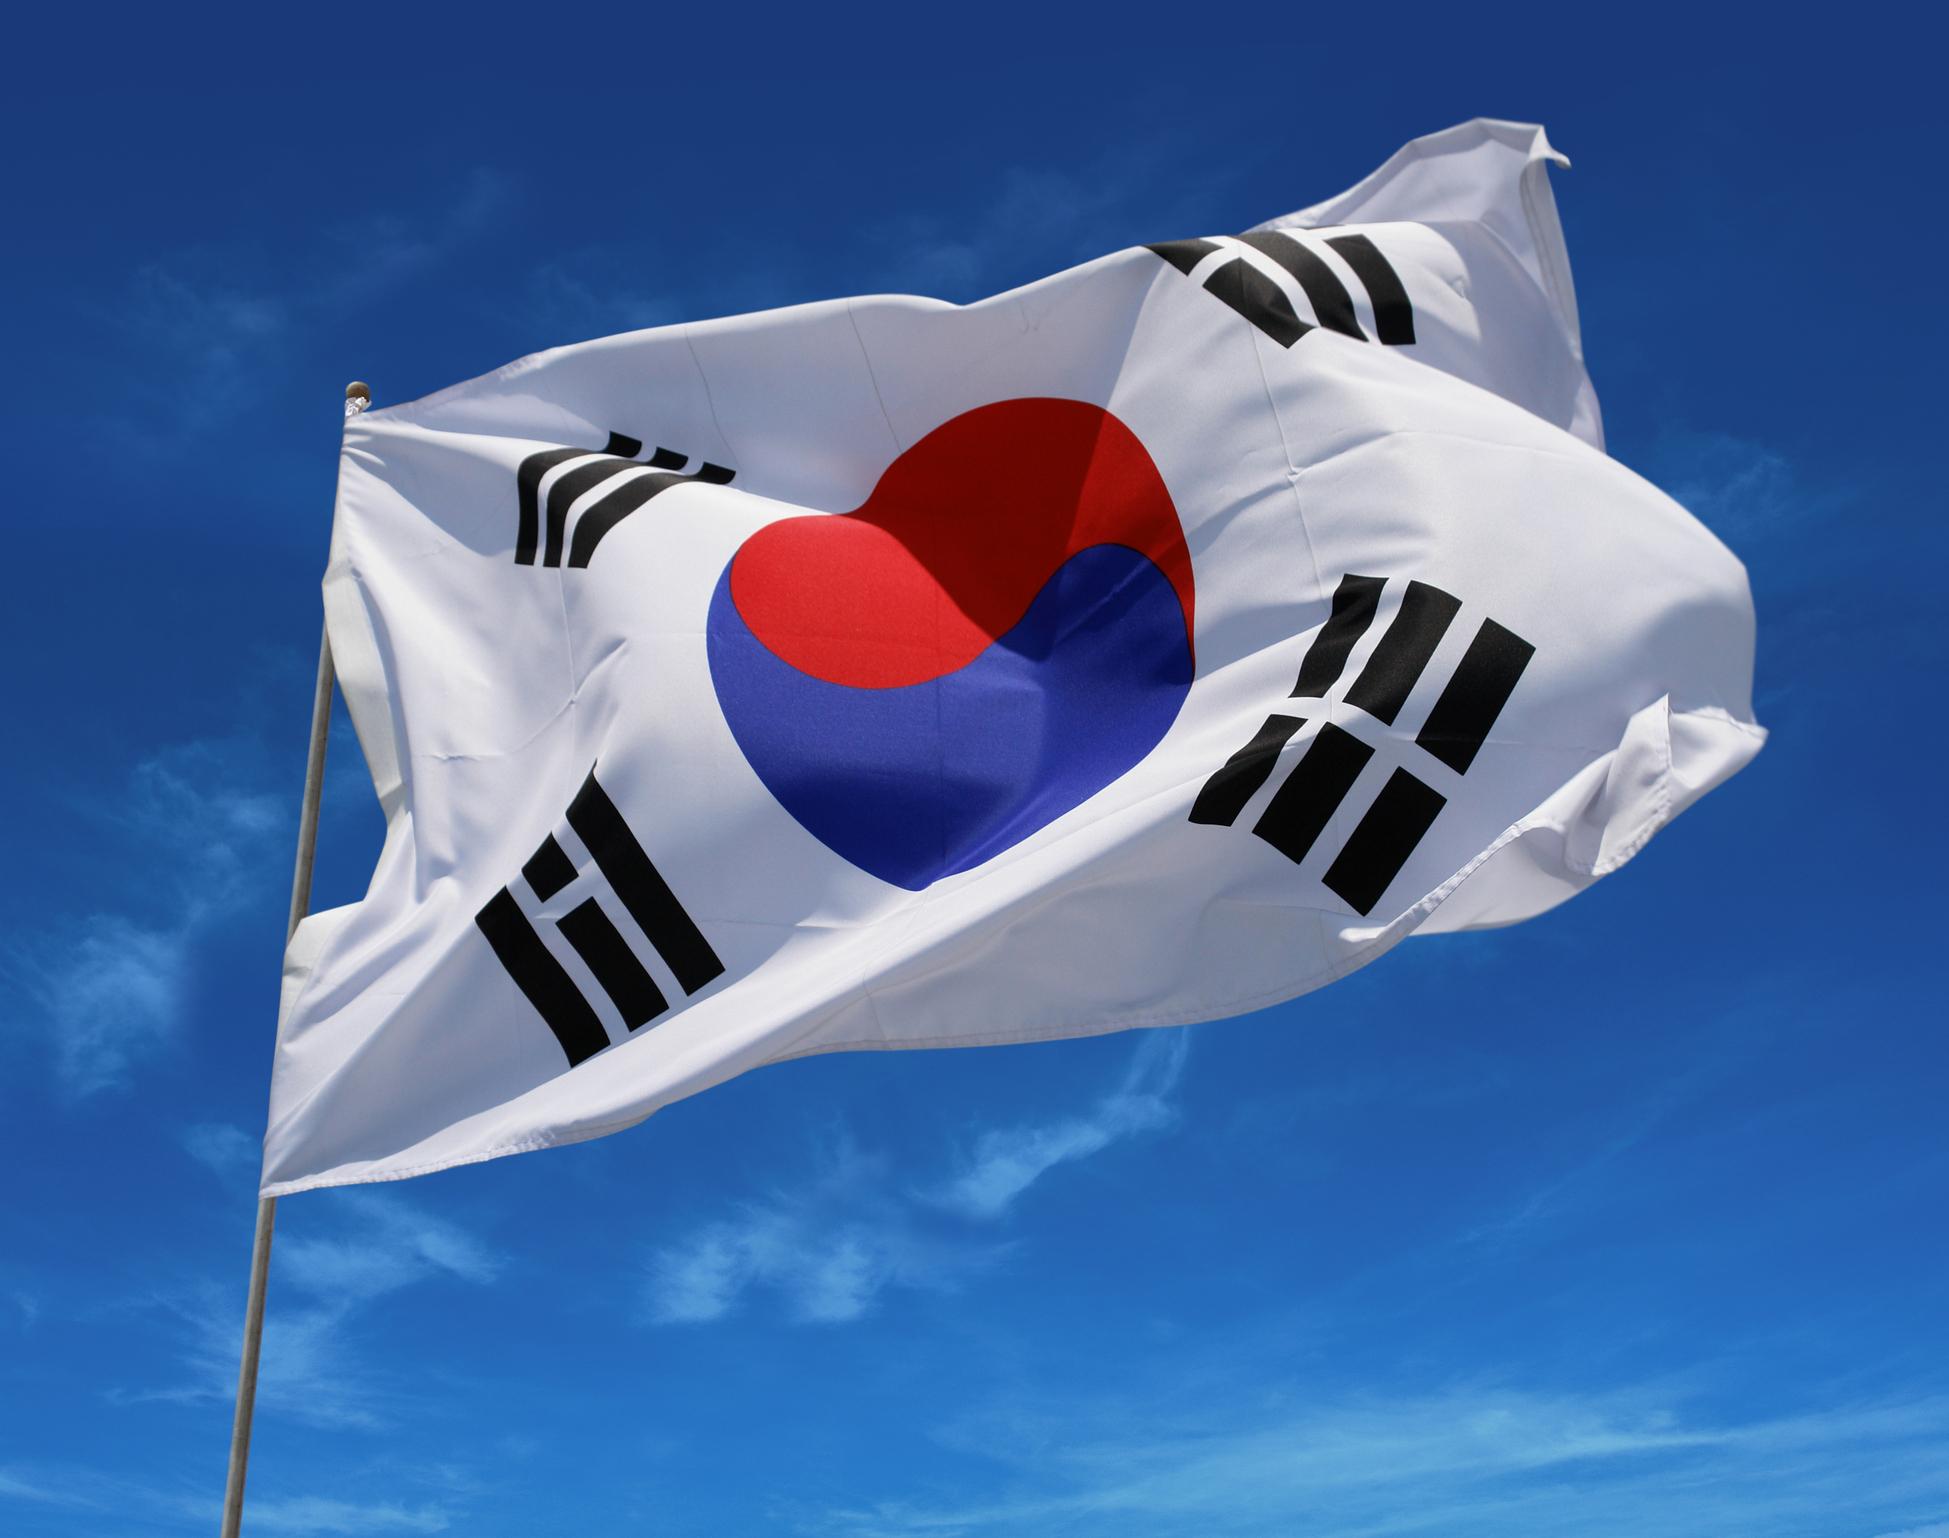 классной корея флаг фото одна самых